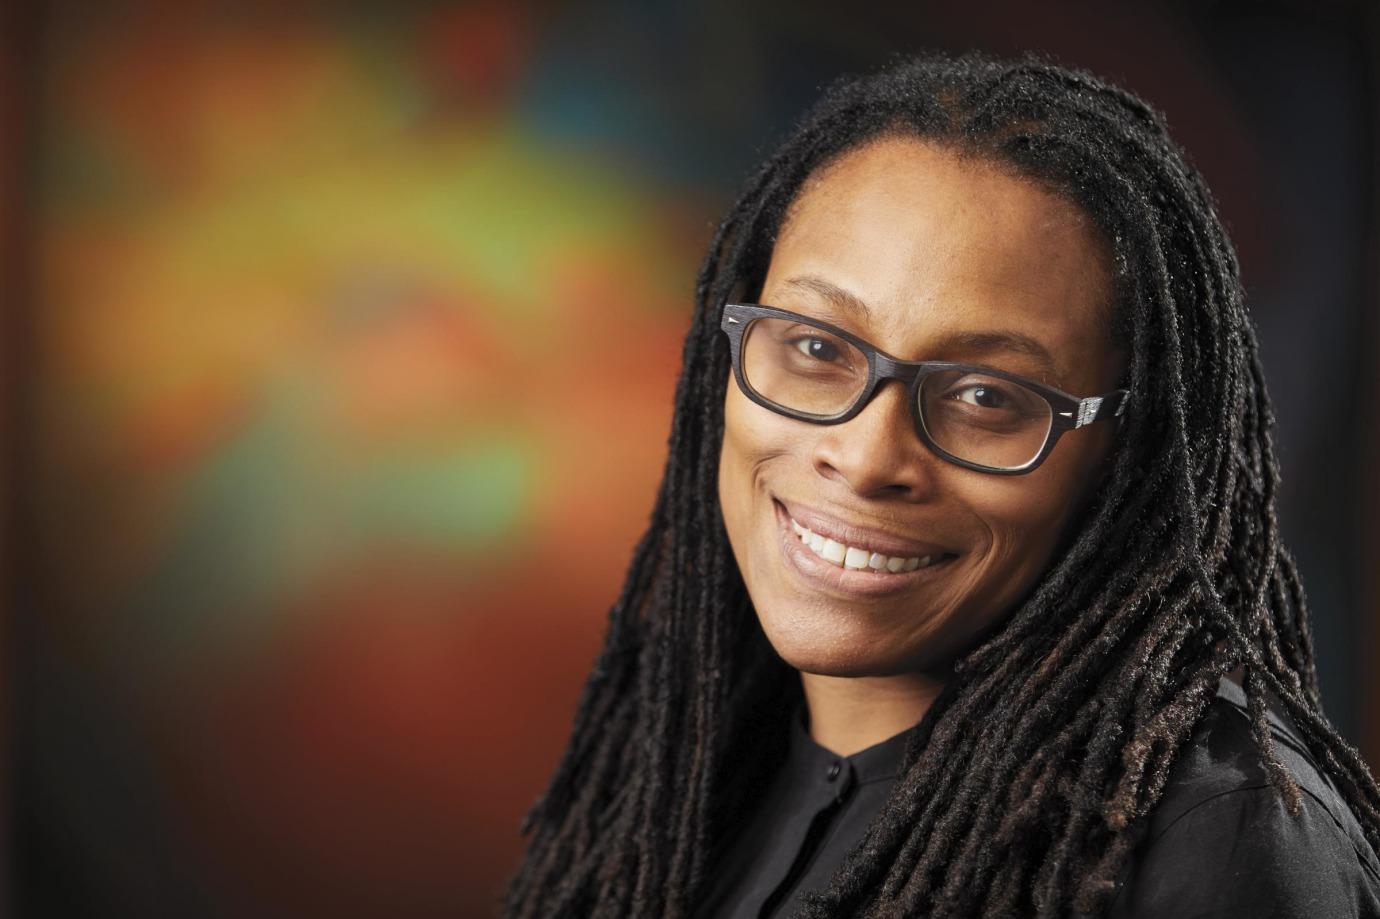 Dr. Marcella Nunez-Smith